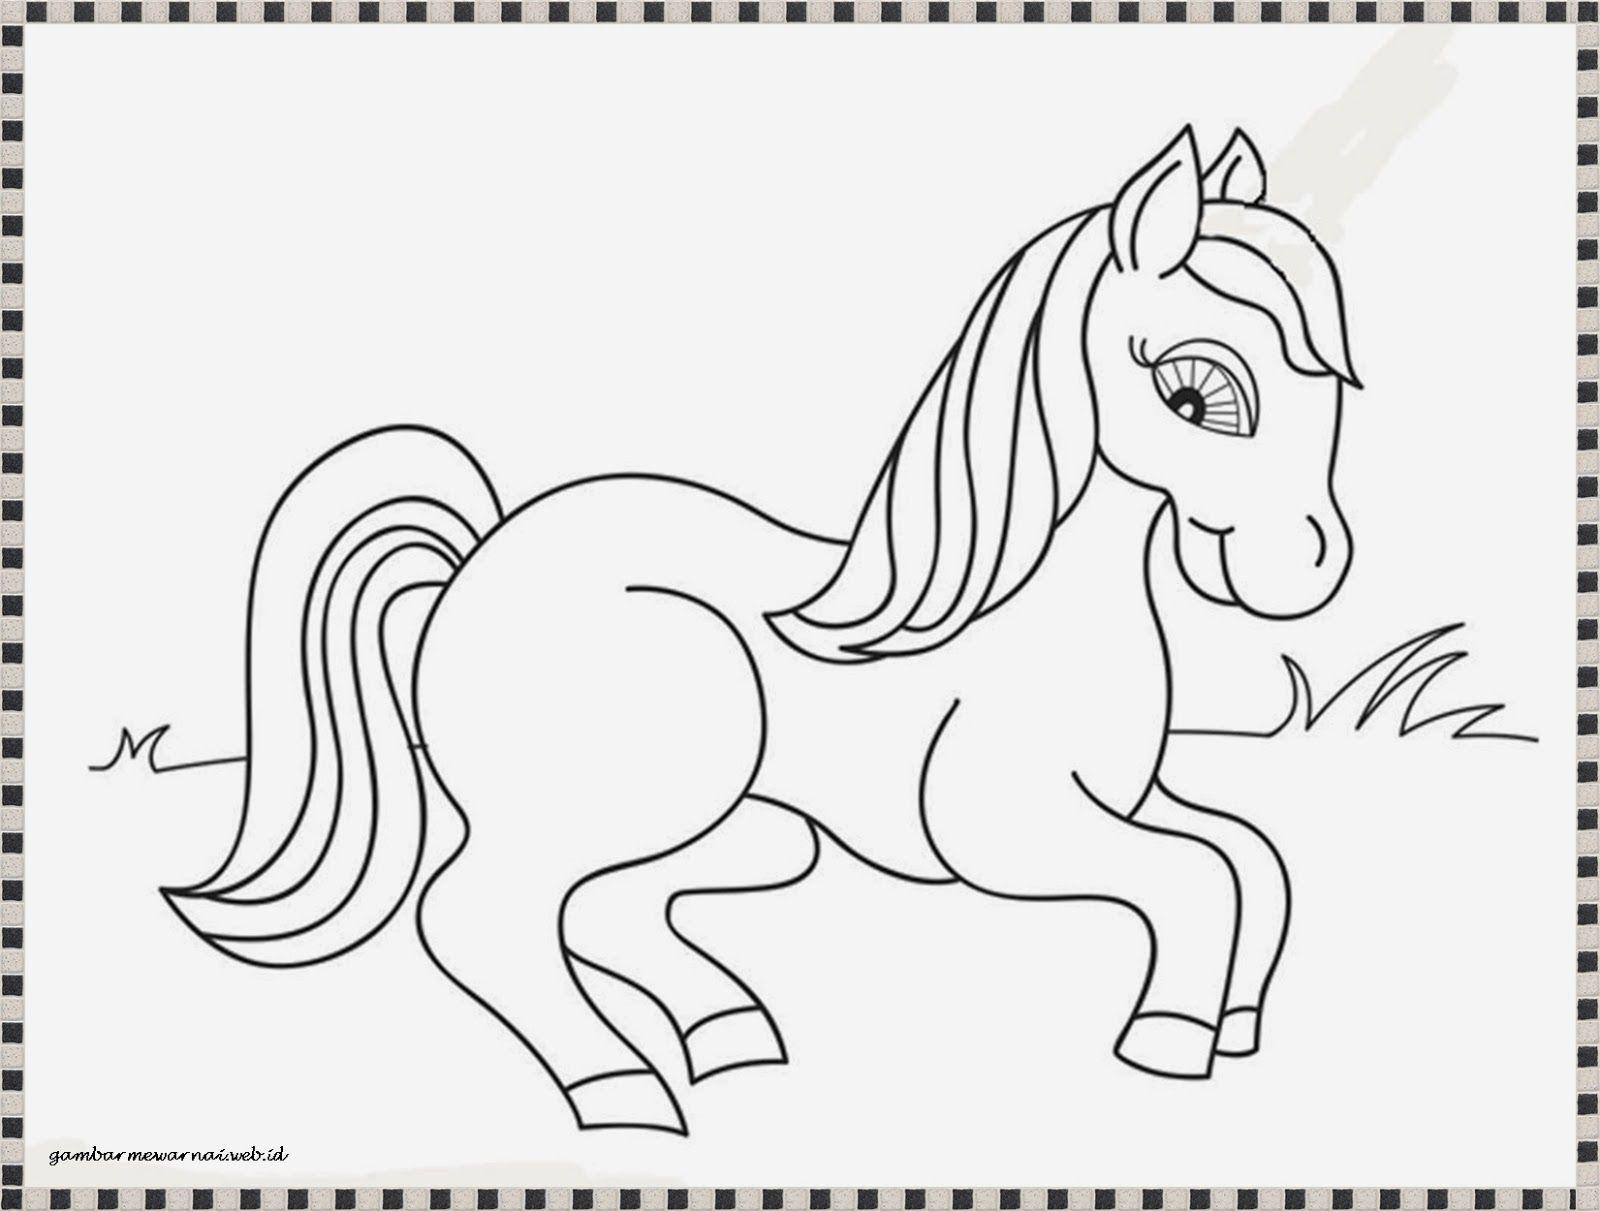 Mewarnai Gambar Anak Kuda Poni Yang Lucu Gambar Mewarnai Pinterest